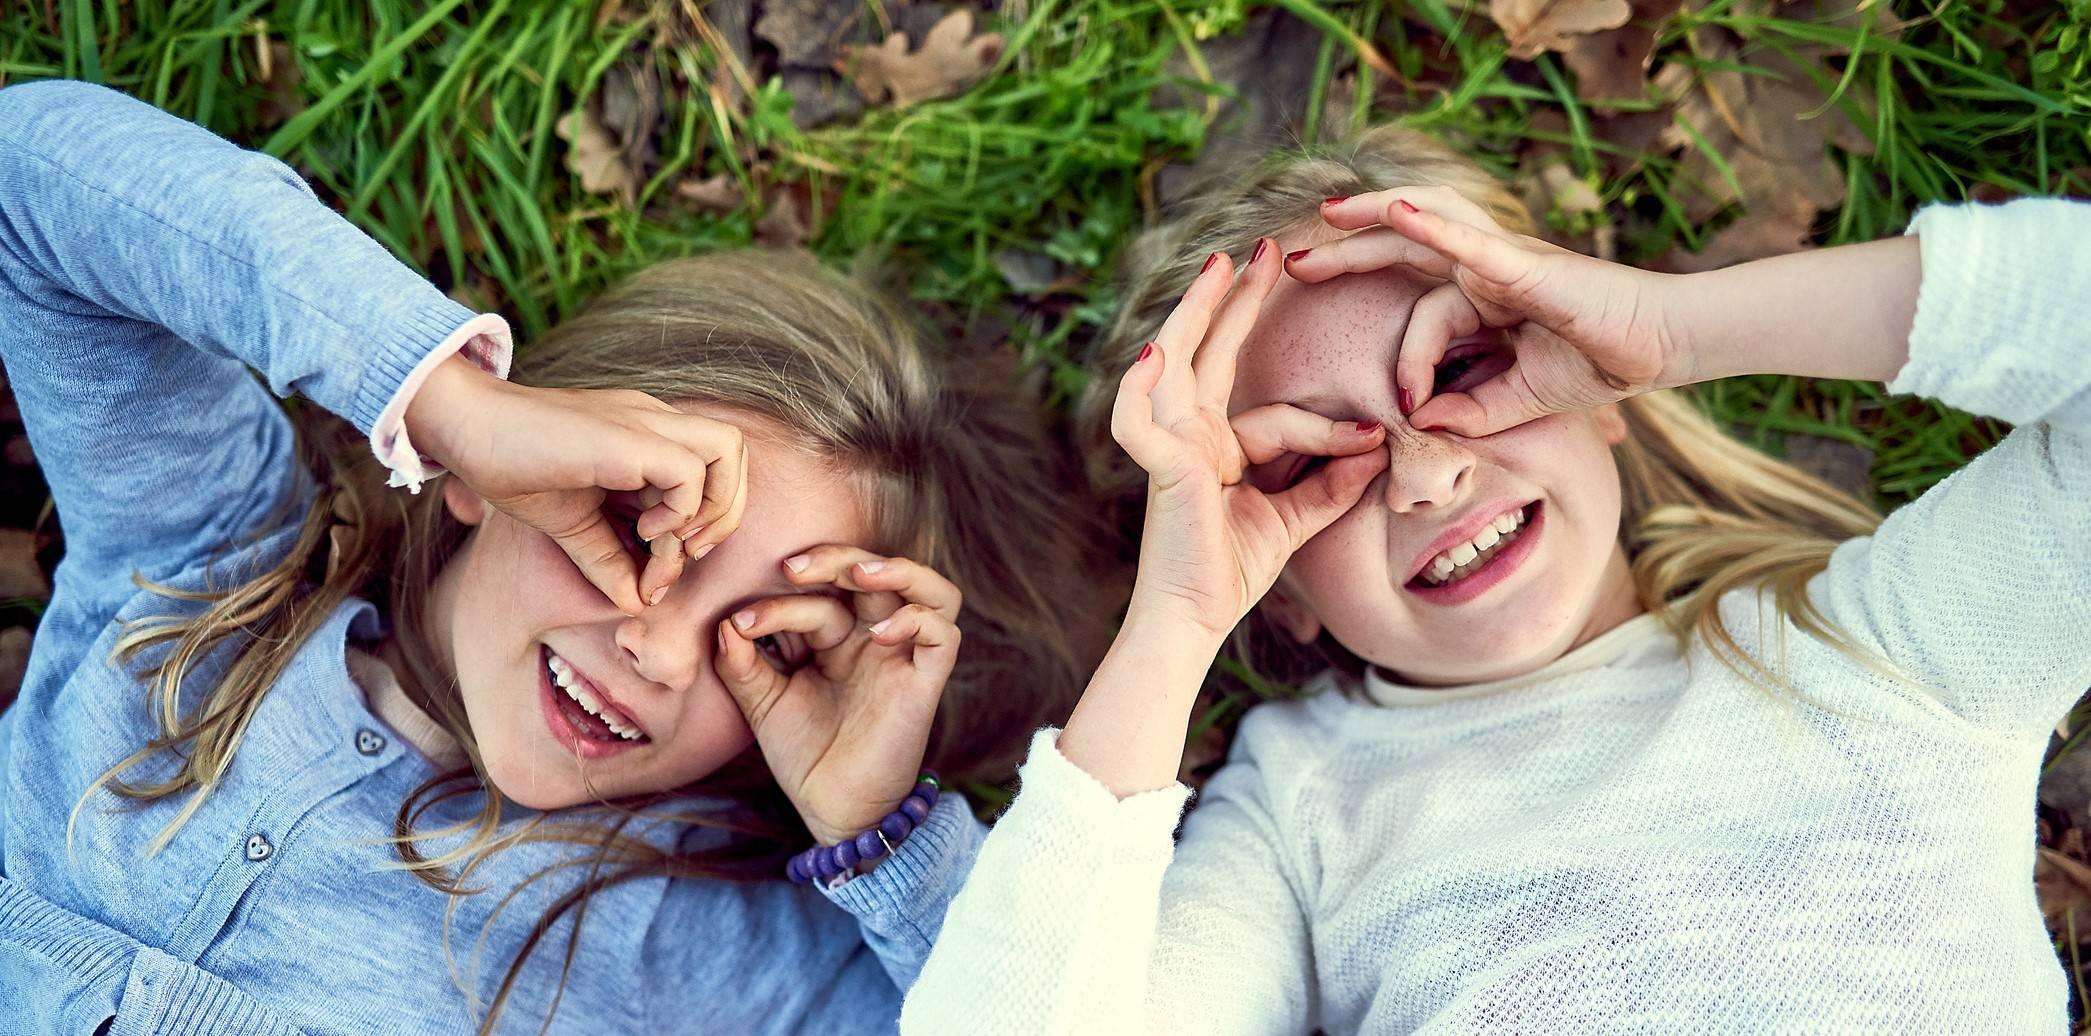 www.juicysantos.com.br - programação infantil em santos e região